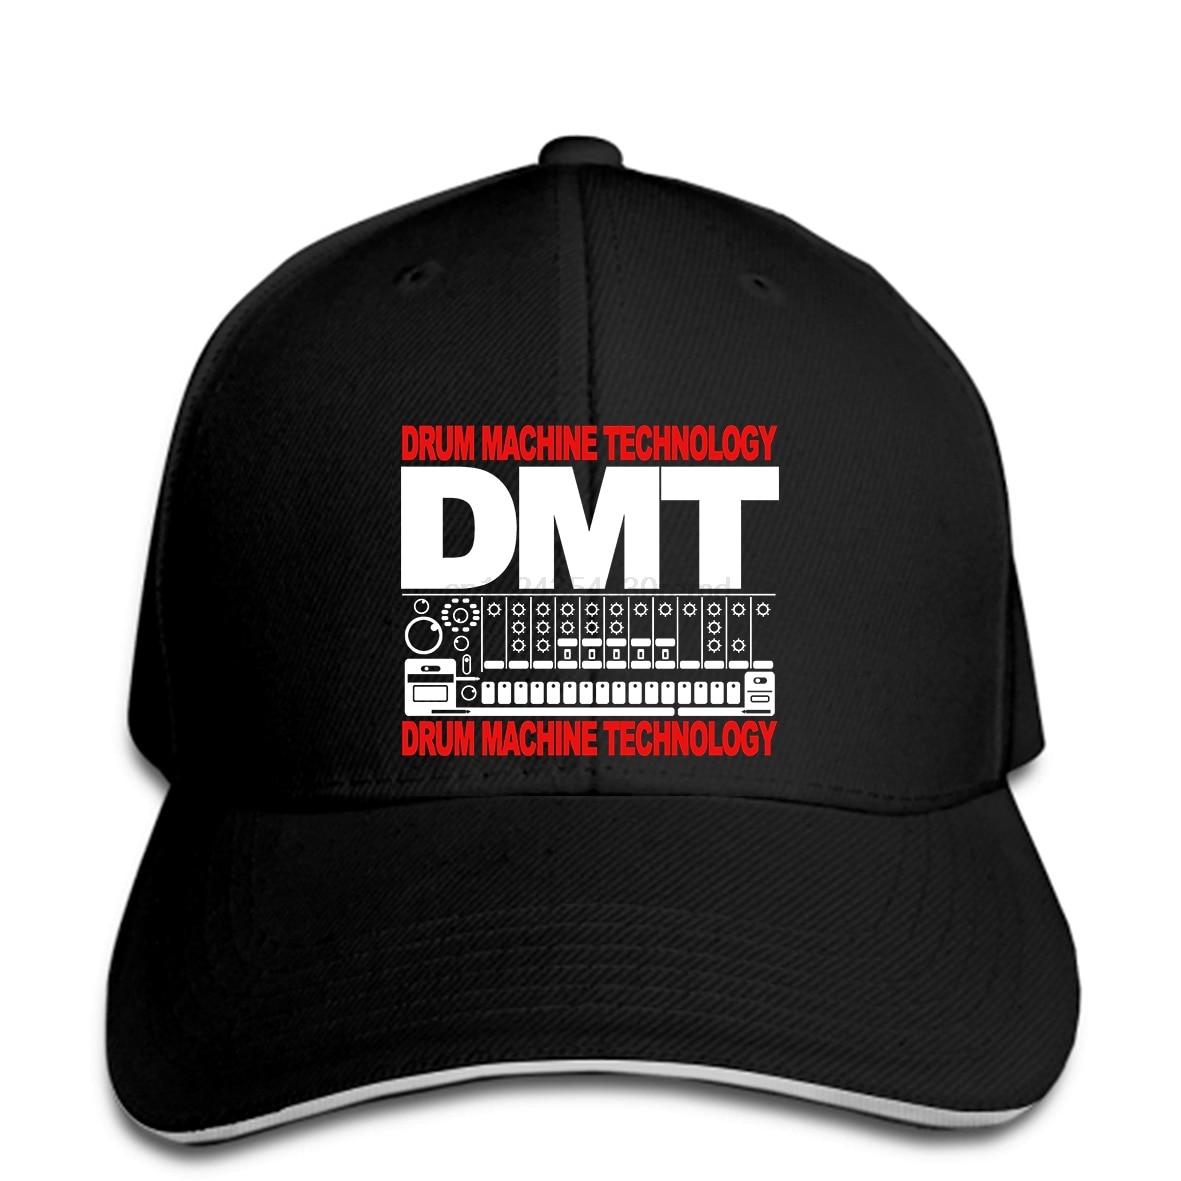 Gorra de béisbol Dmt tambor de la máquina de la tecnología de la Dj de música Rave Festival Hombres estilo de verano sombrero Casual gorra alcanzó su punto máximo